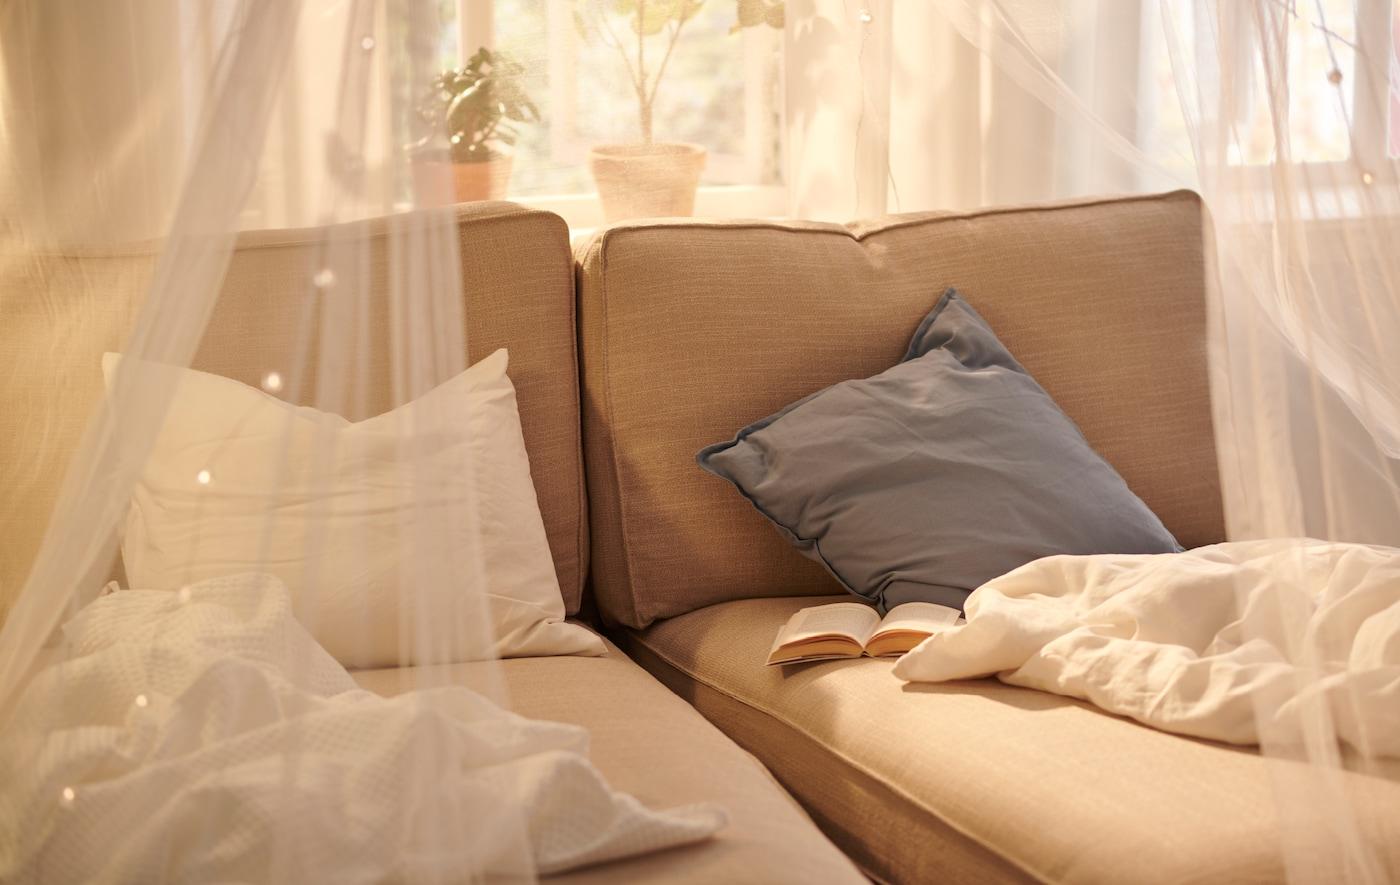 Deux méridiennes KIVIK beiges côte à côte, devant une fenêtre ensoleillée. Des couvre-lits et un livre sont posés dessus et un filet SOLIG les entoure.